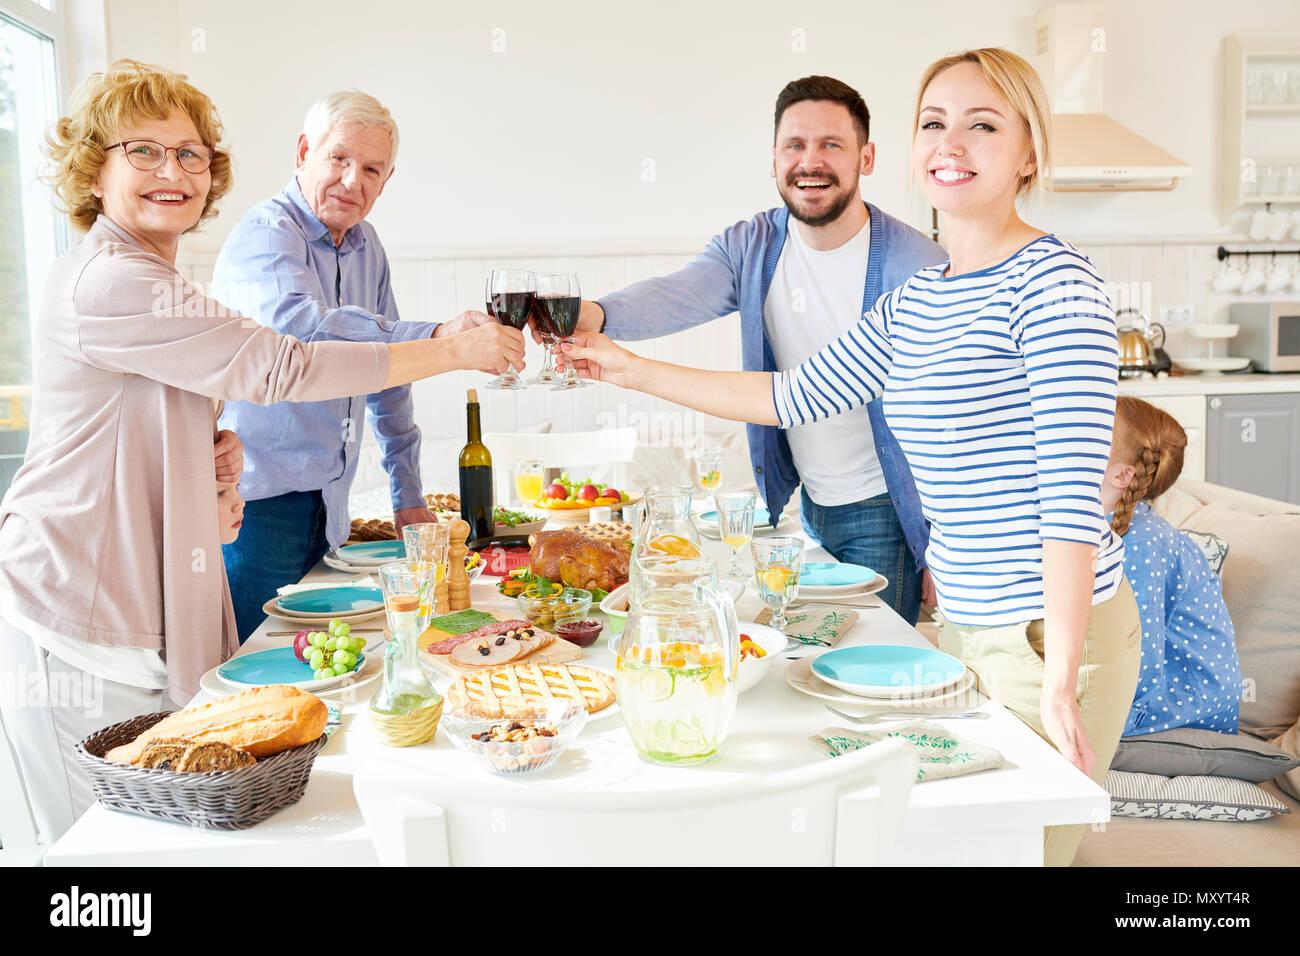 Portrait von glückliche zwei Generation Familie Abendessen zusammen Anstoßen über festliche Tafel mit köstlichen Gerichten und lächelnd an, Ca Stockbild